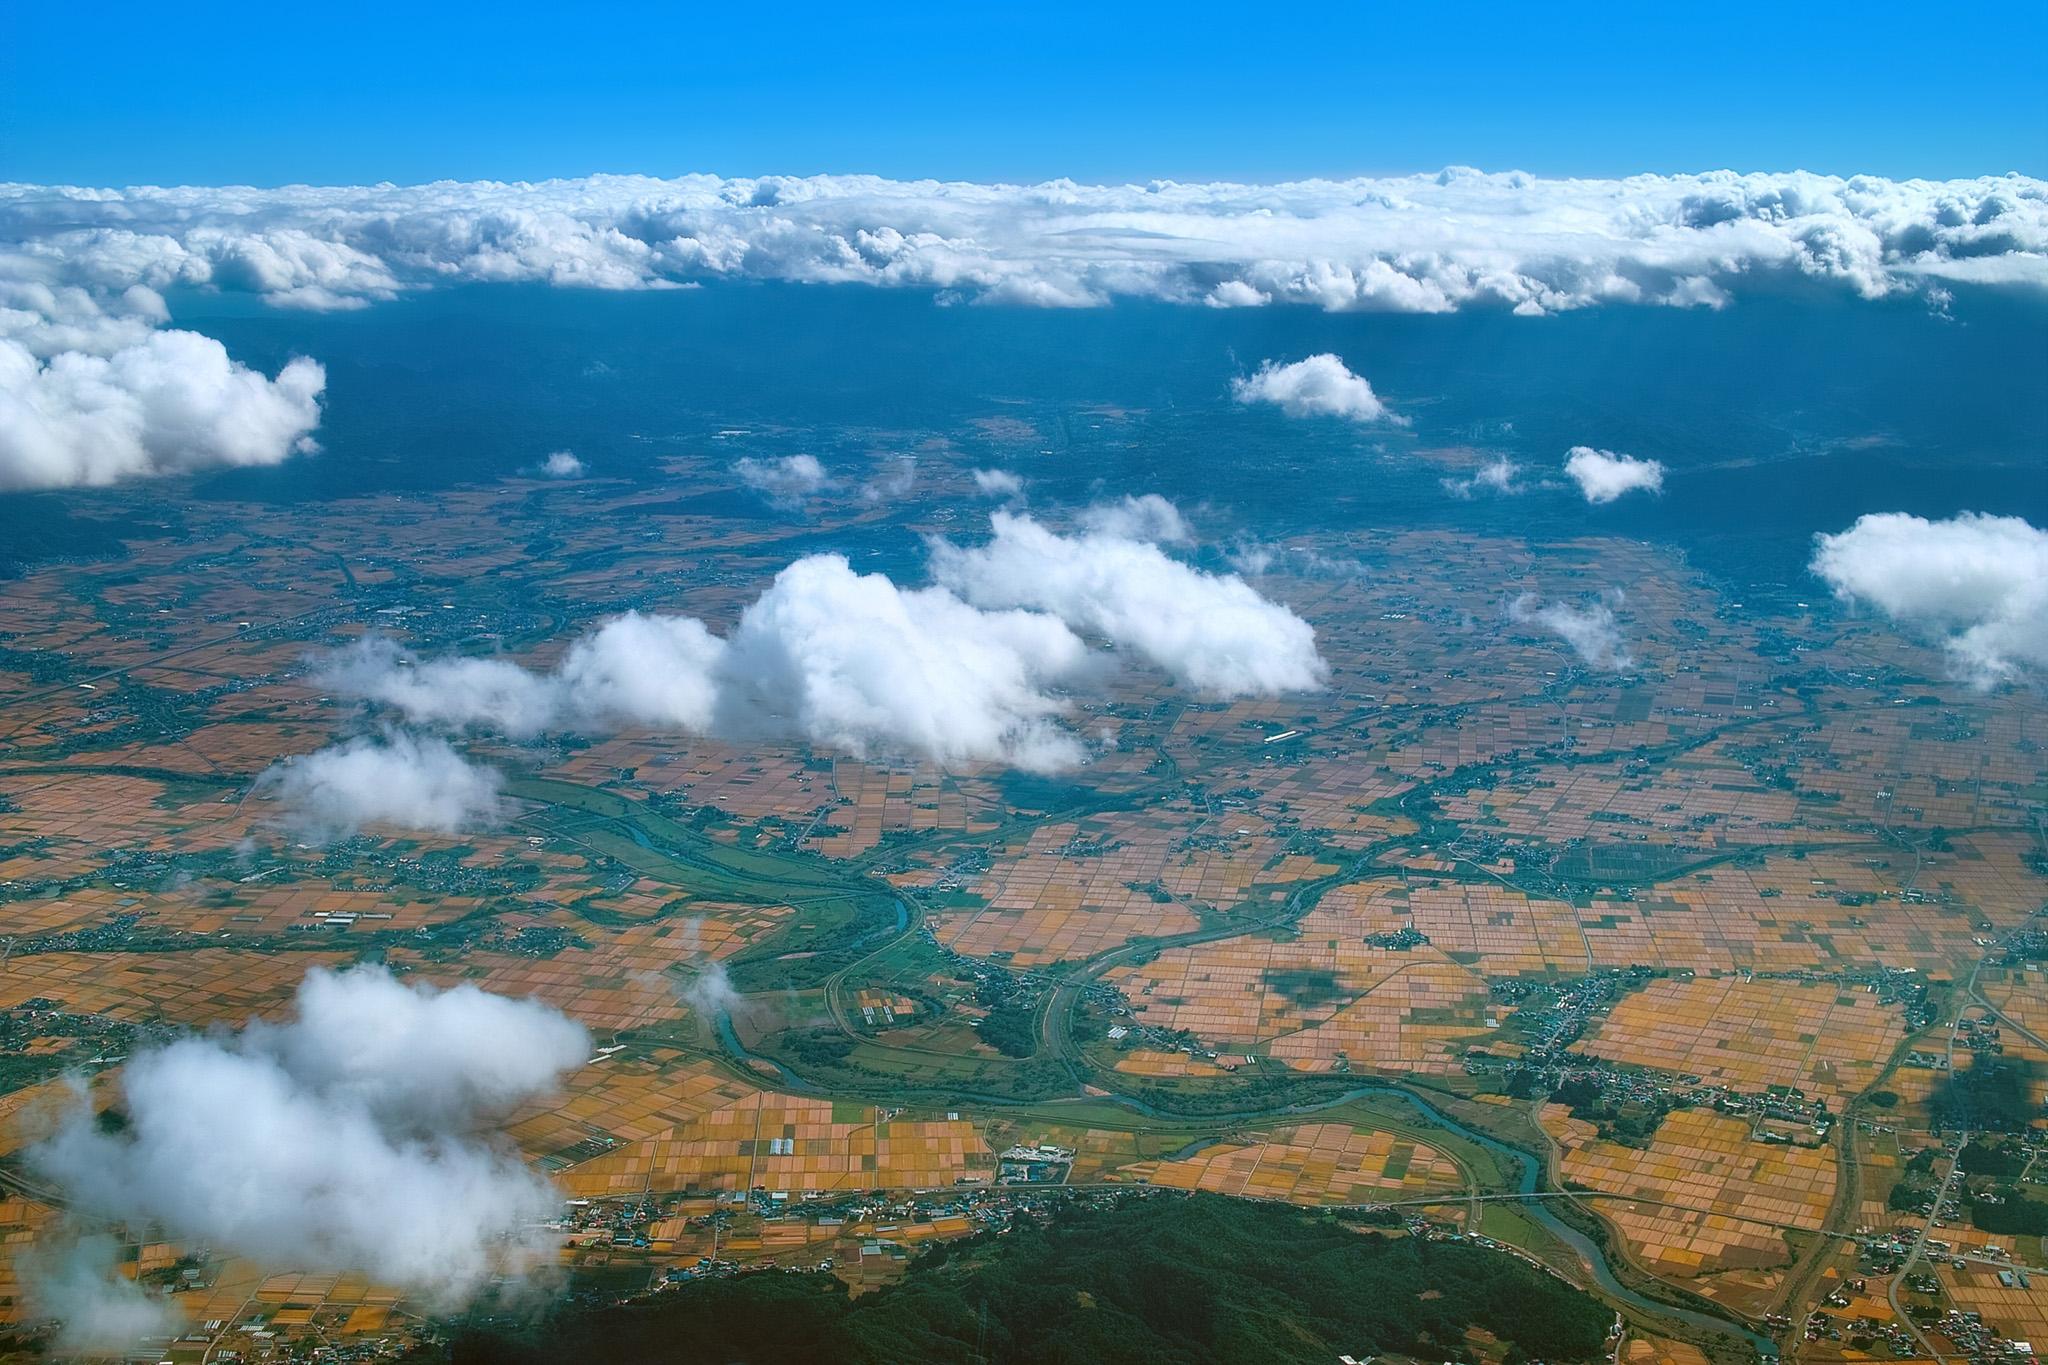 「秋の東北上空からの眺め」の素材を無料ダウンロード